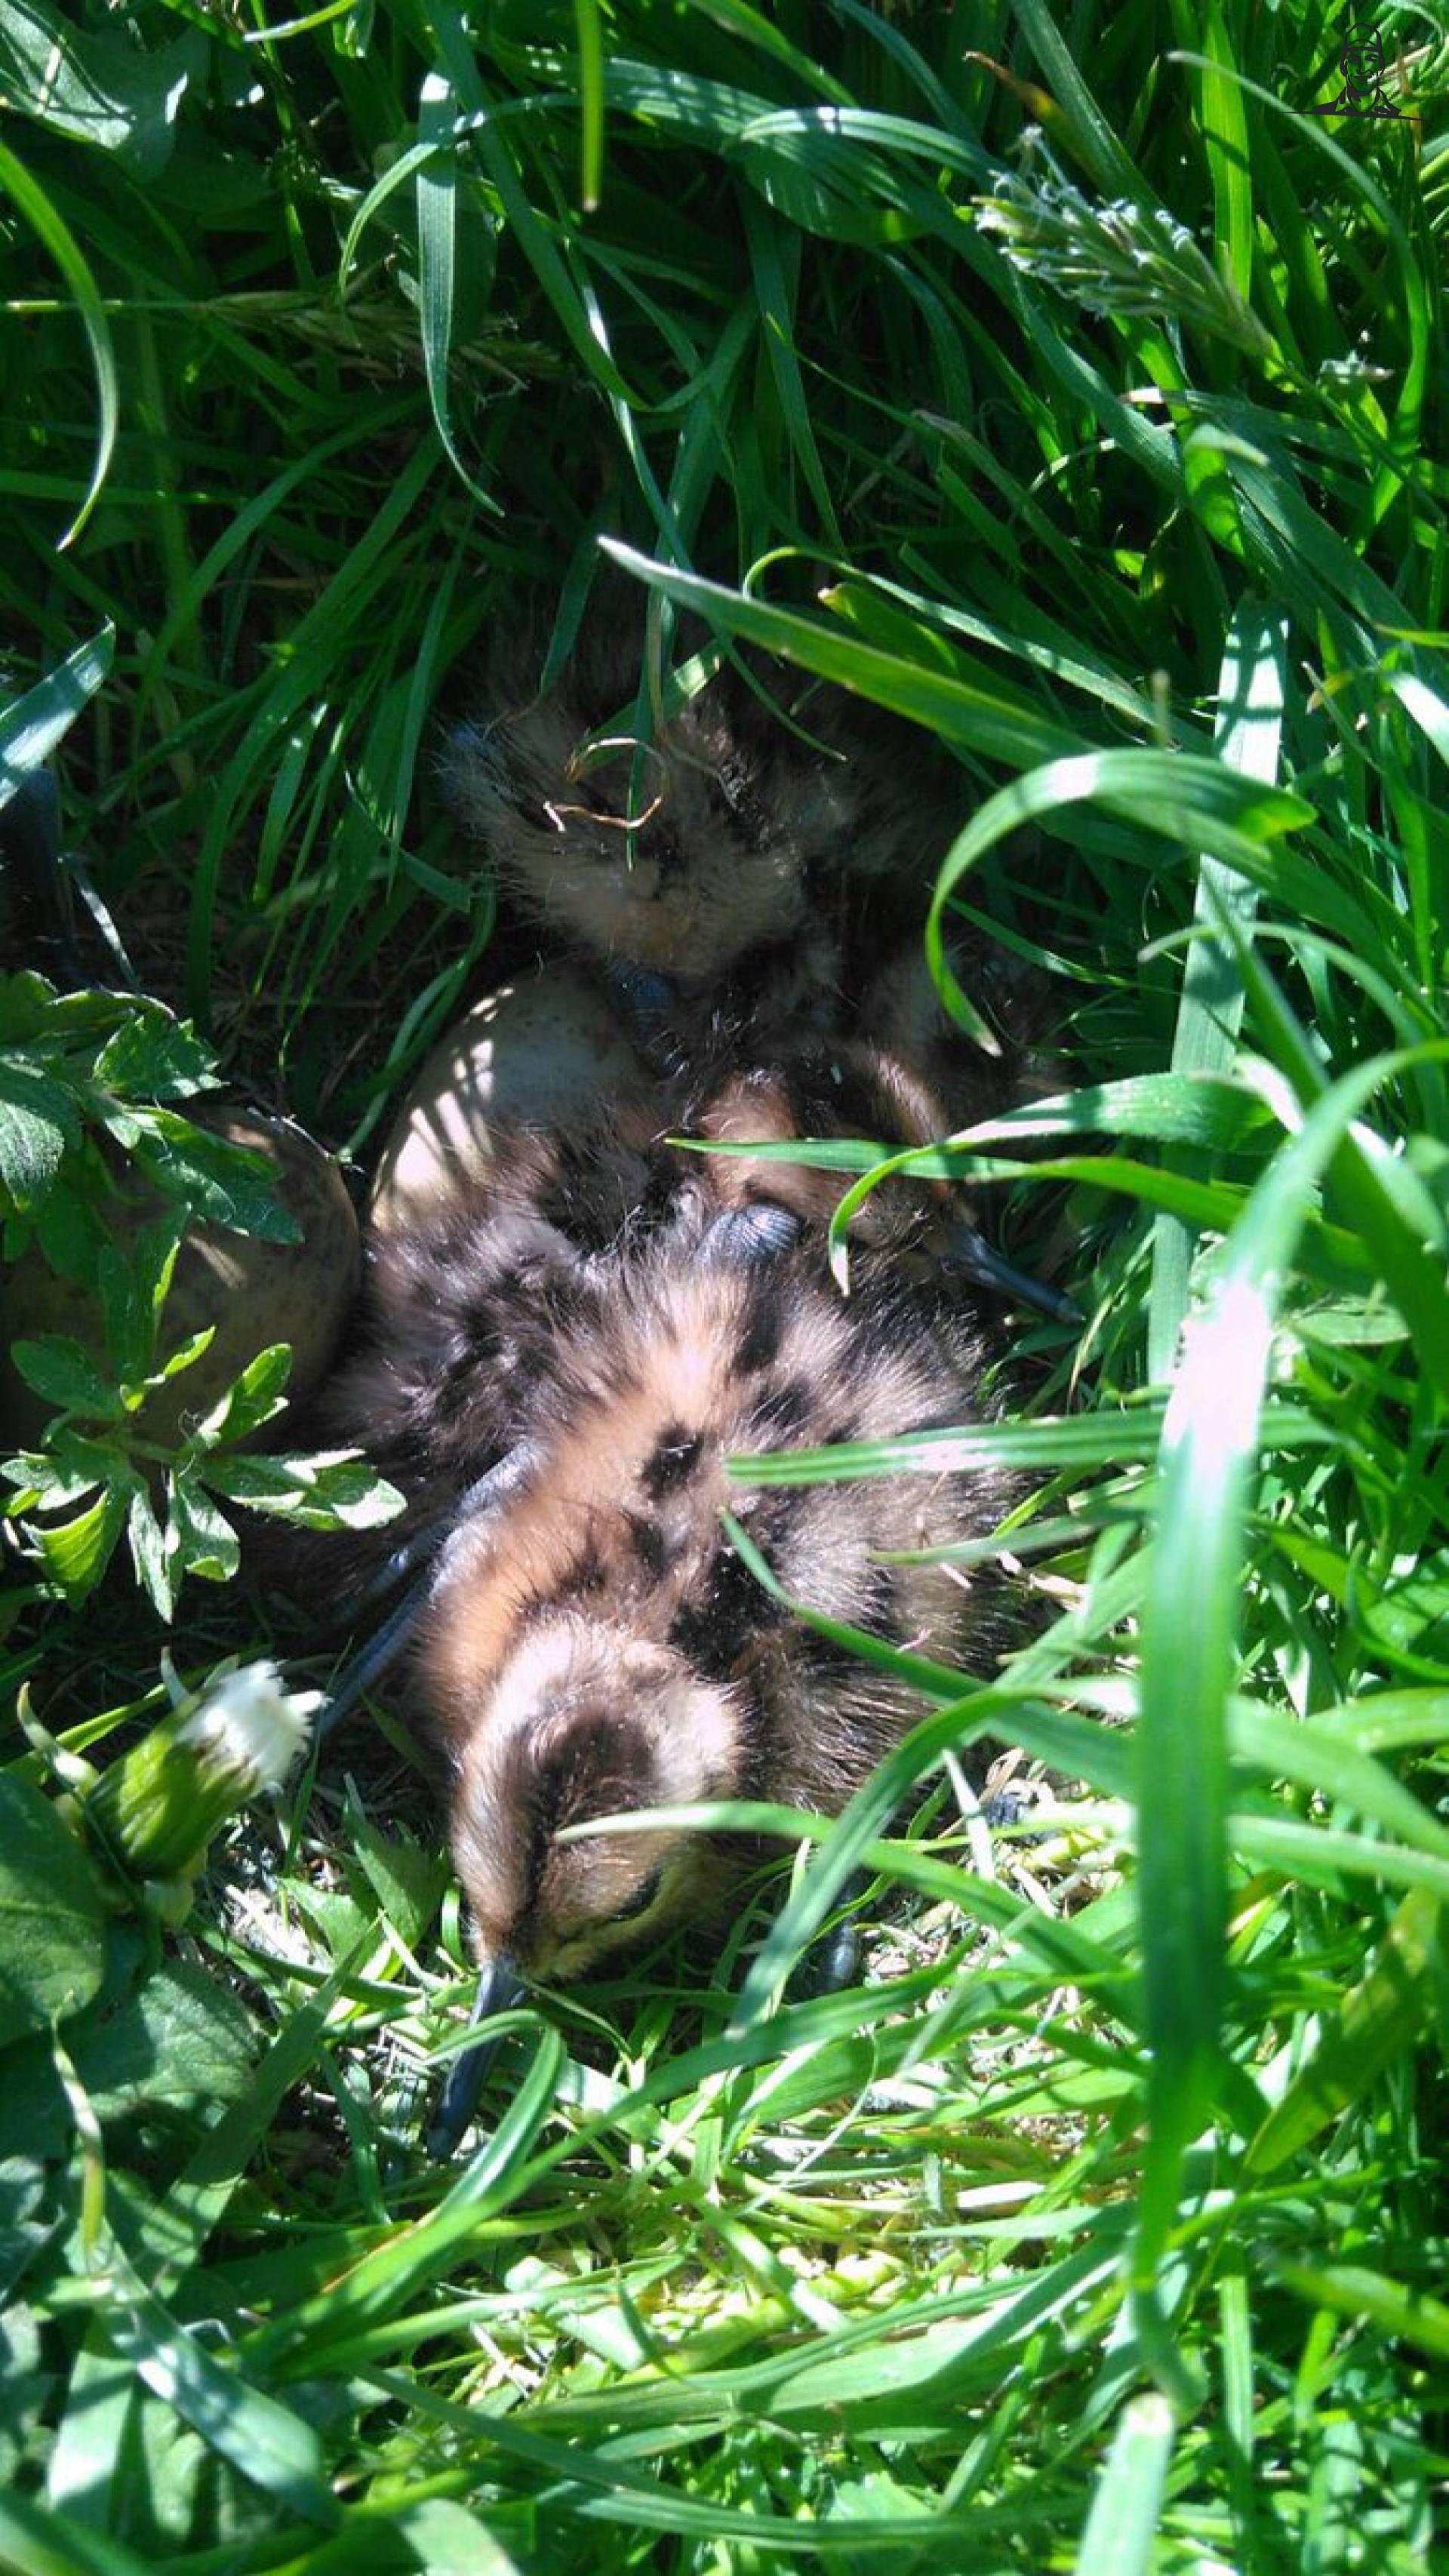 Vandaag meerdere grutto kuikens gezien die nog in het nest lagen van Nieuwsgrazer